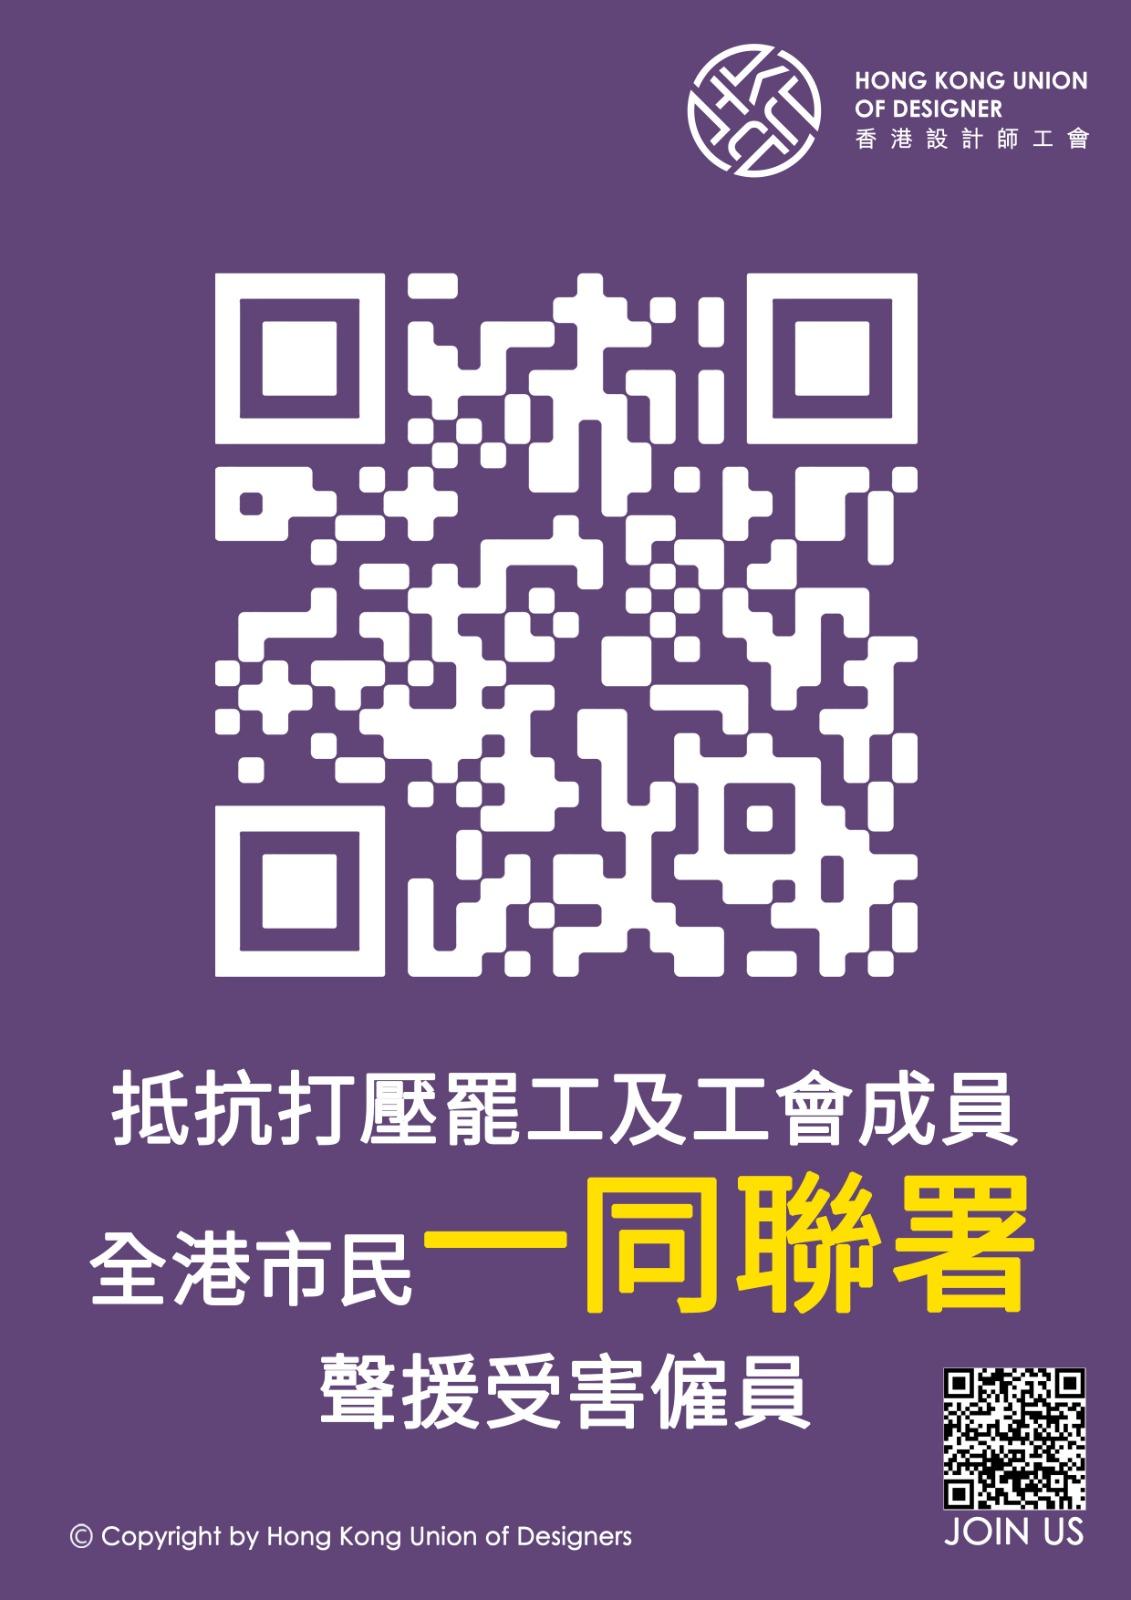 WhatsApp Image 2020-02-28 at 21.10.02.jp